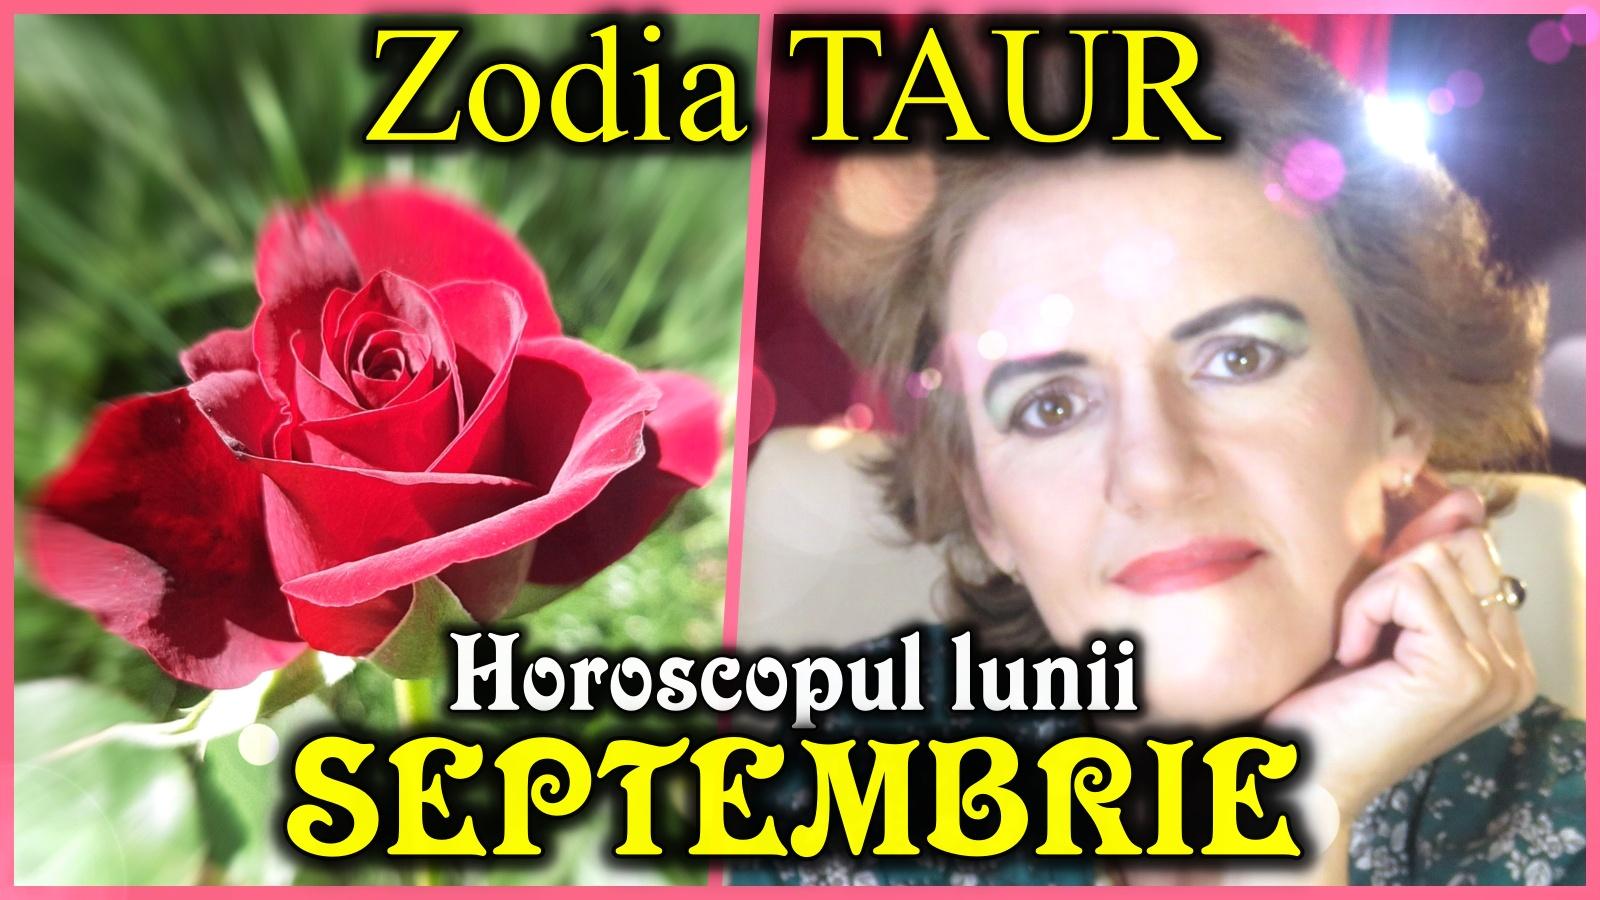 Horoscopul lunii SEPTEMBRIE * Zodia TAURULUI